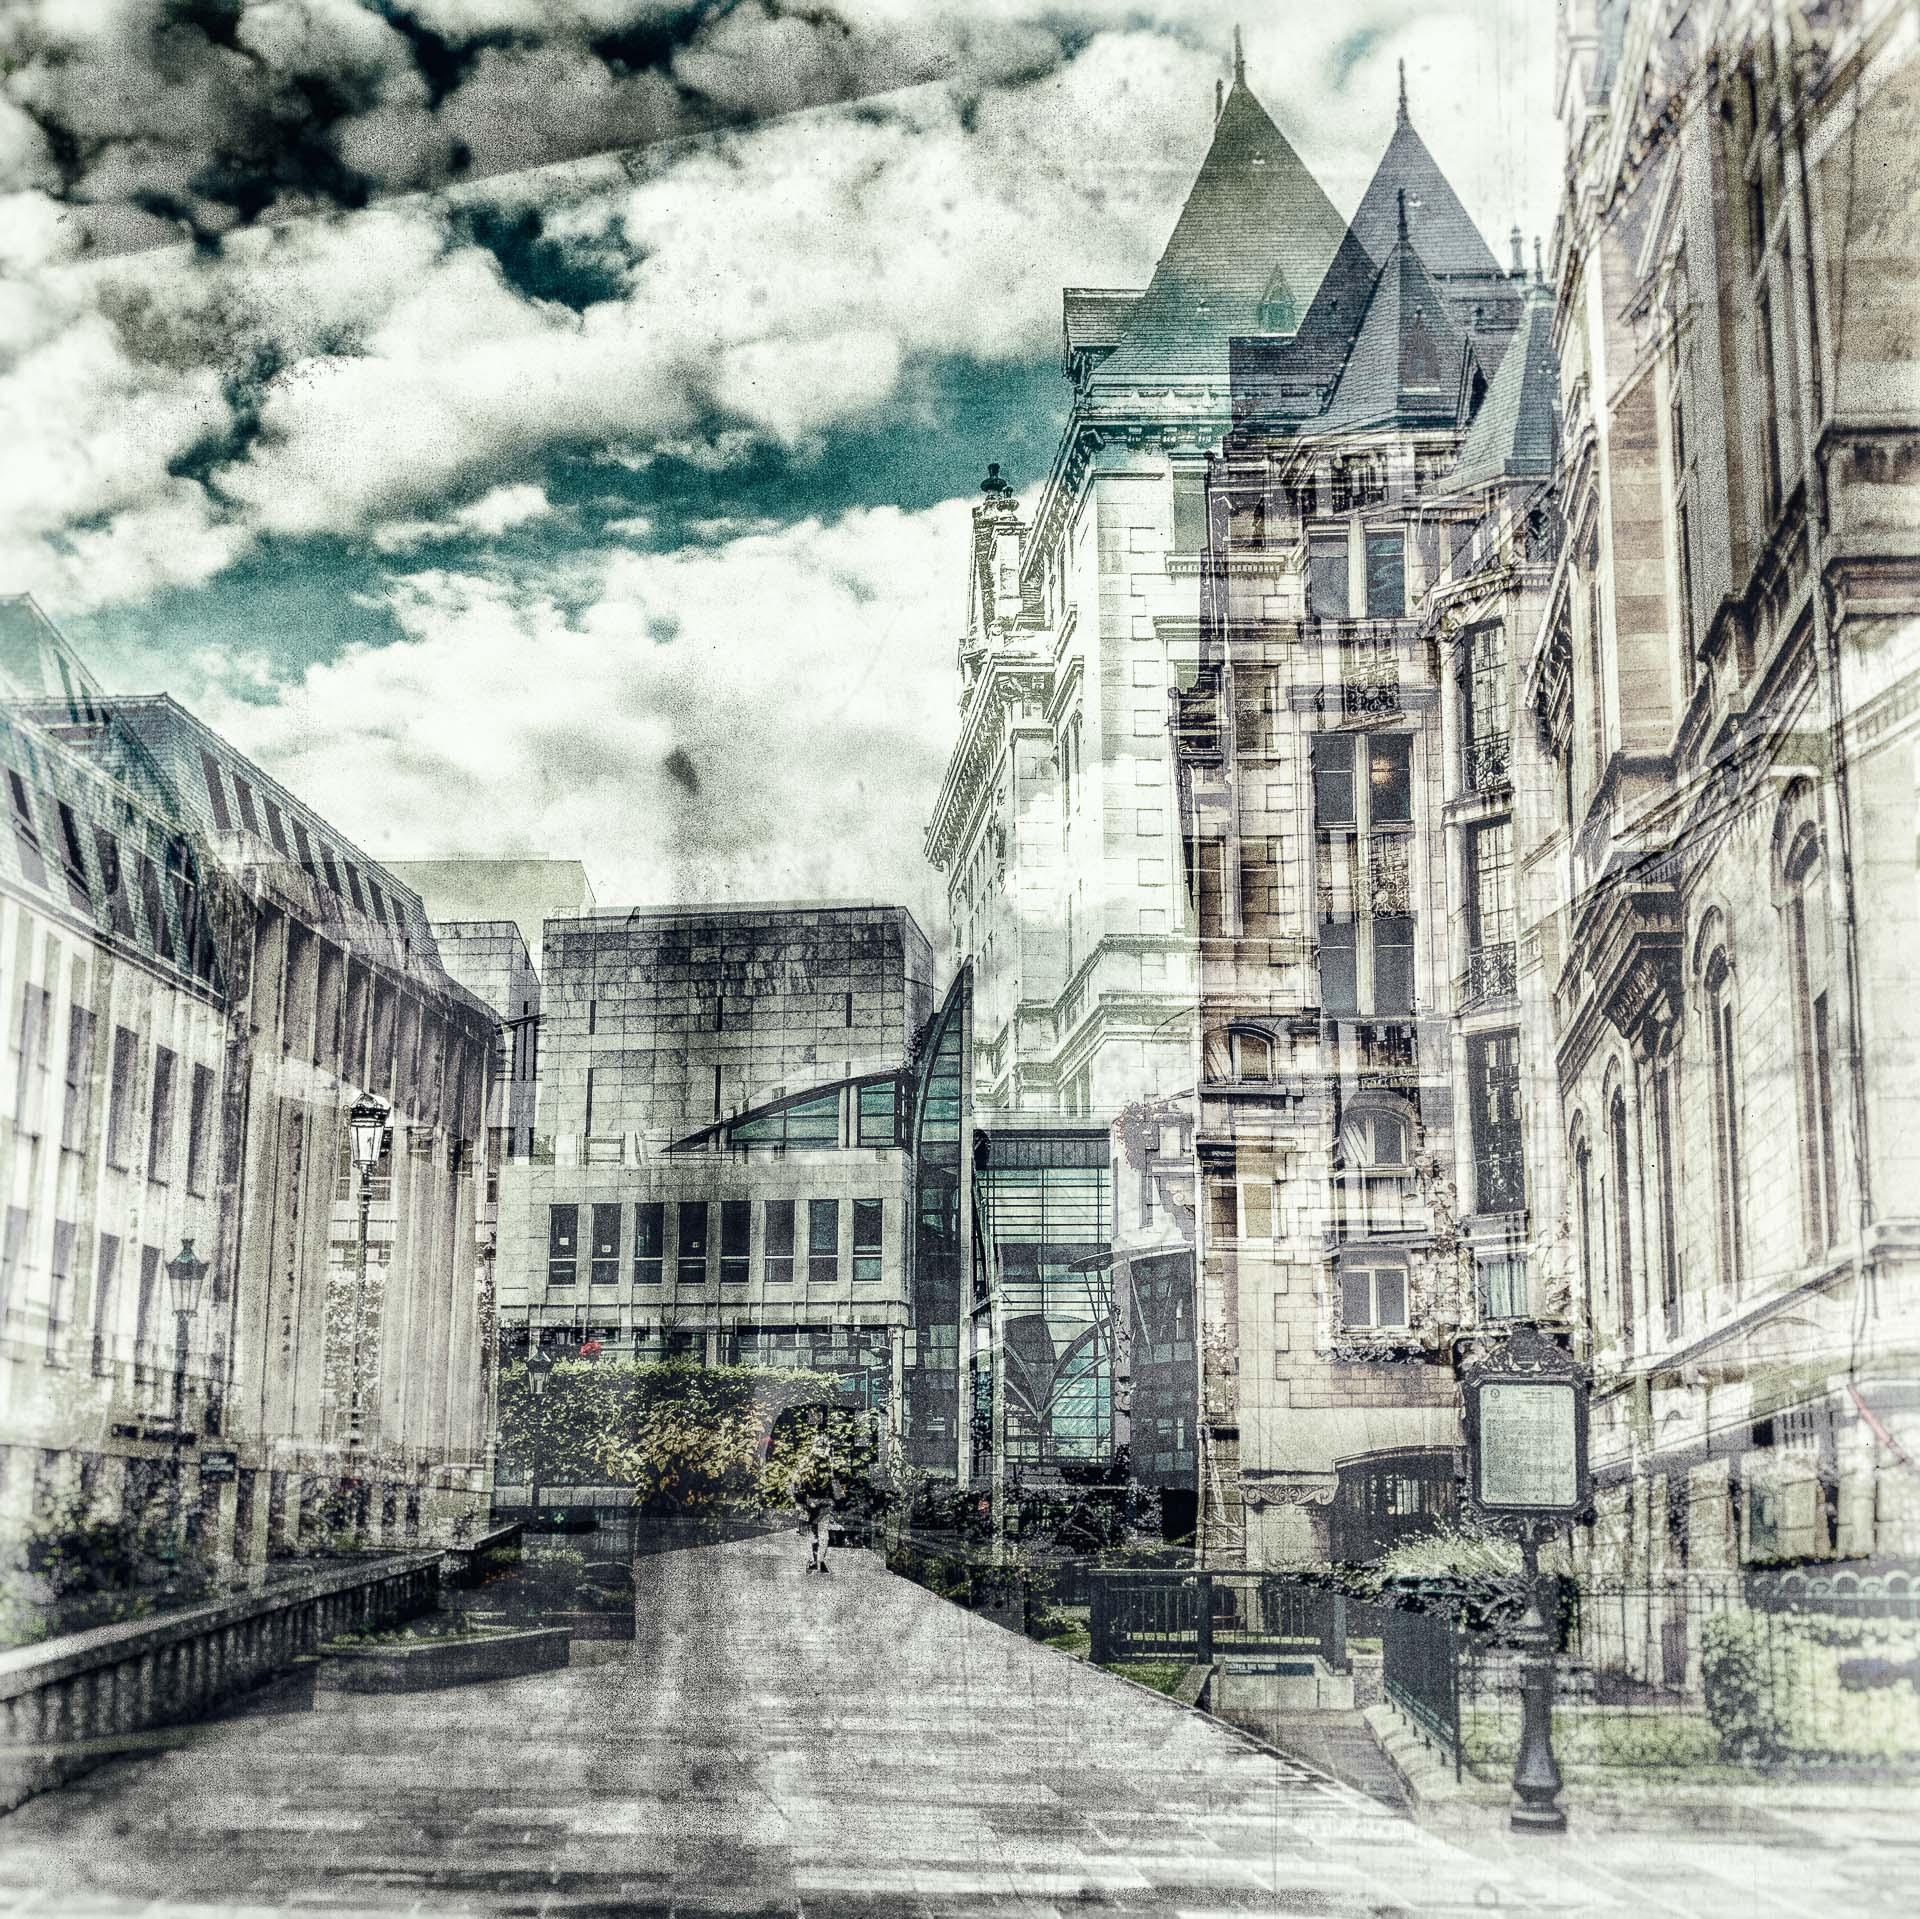 En longeant la mairie